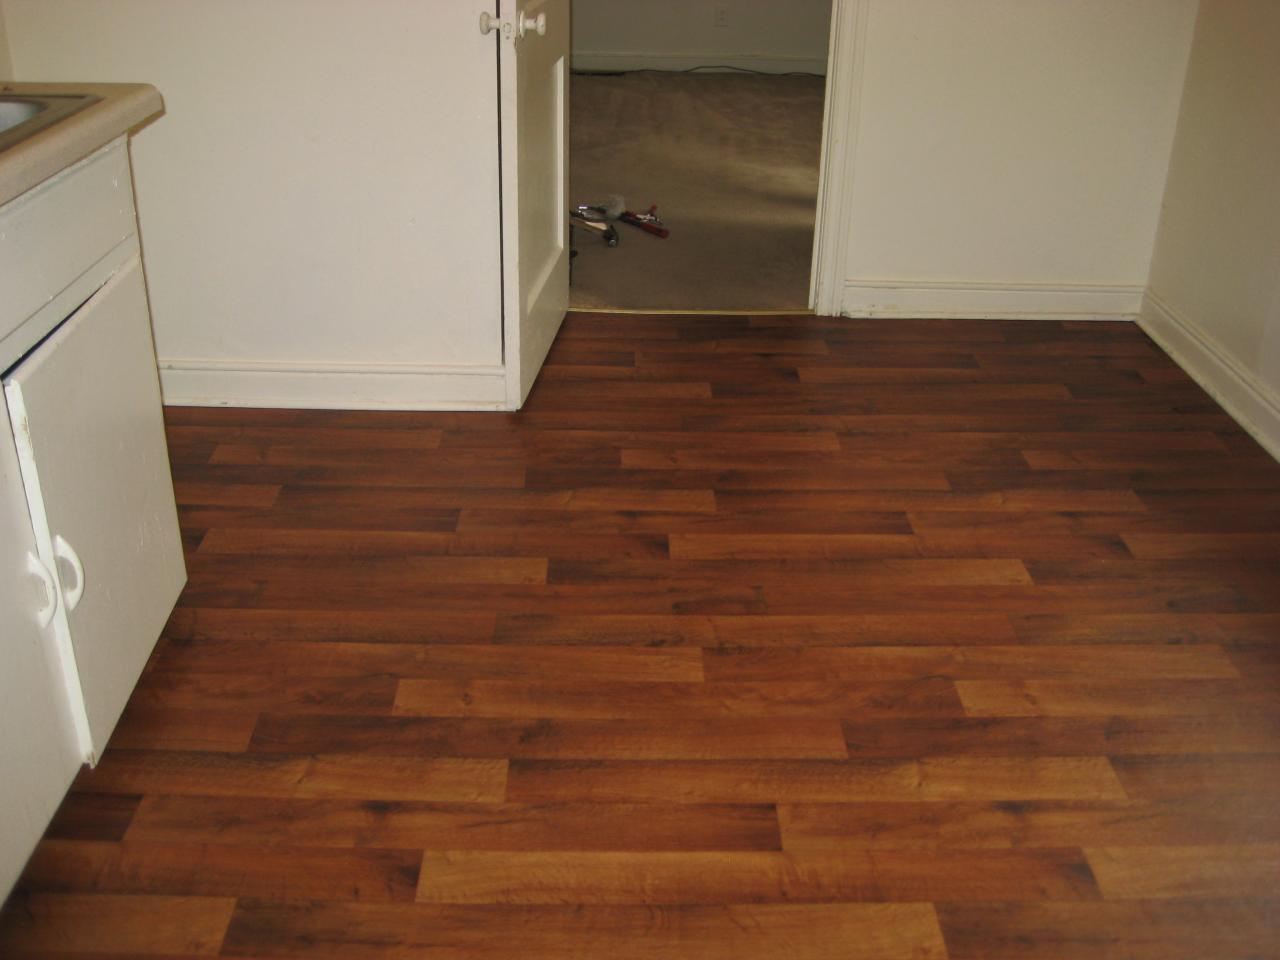 Juan_floors_7 31 10_004